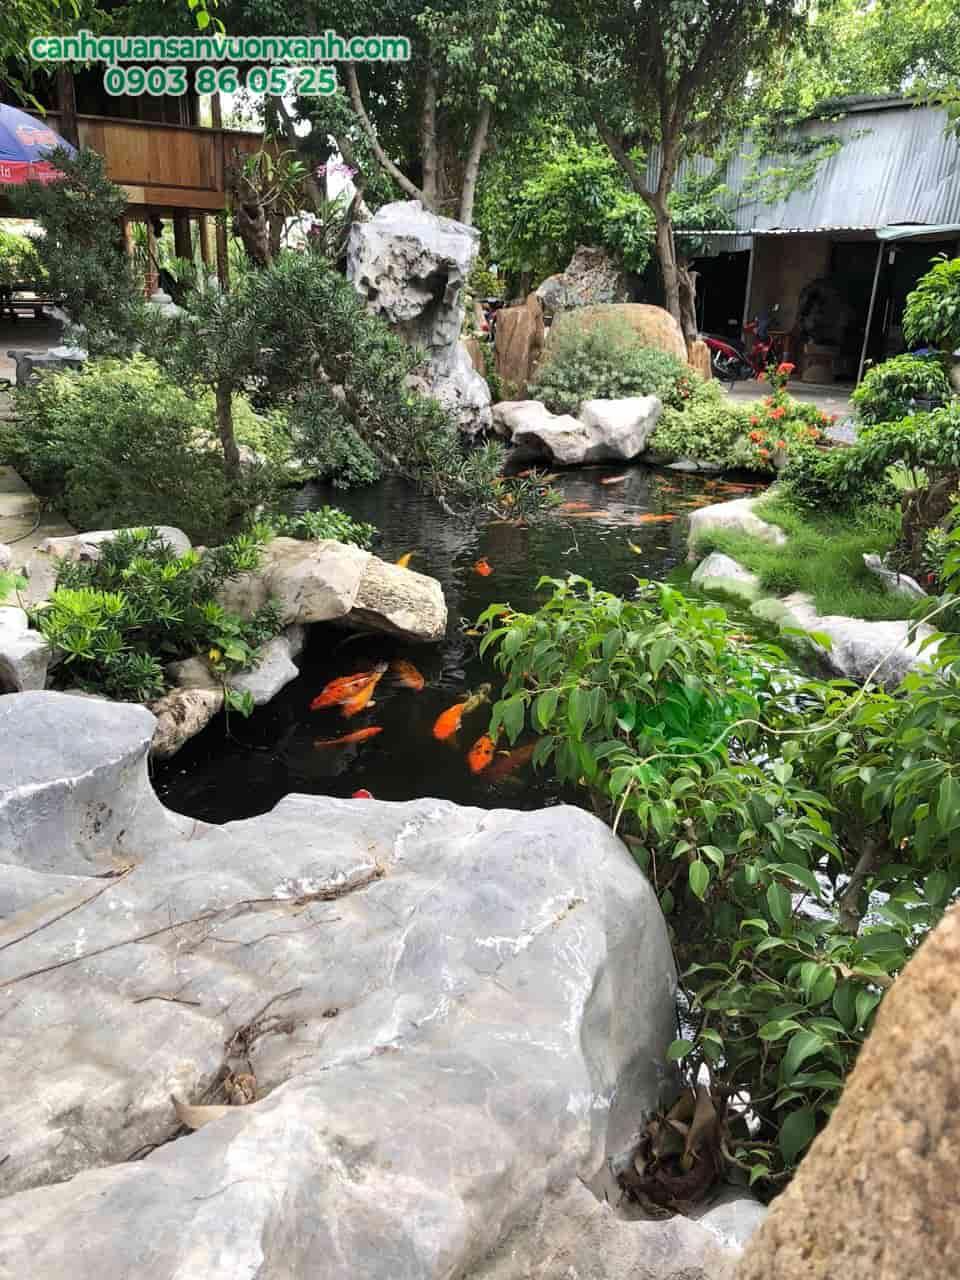 hồ cá koi quán cà phê